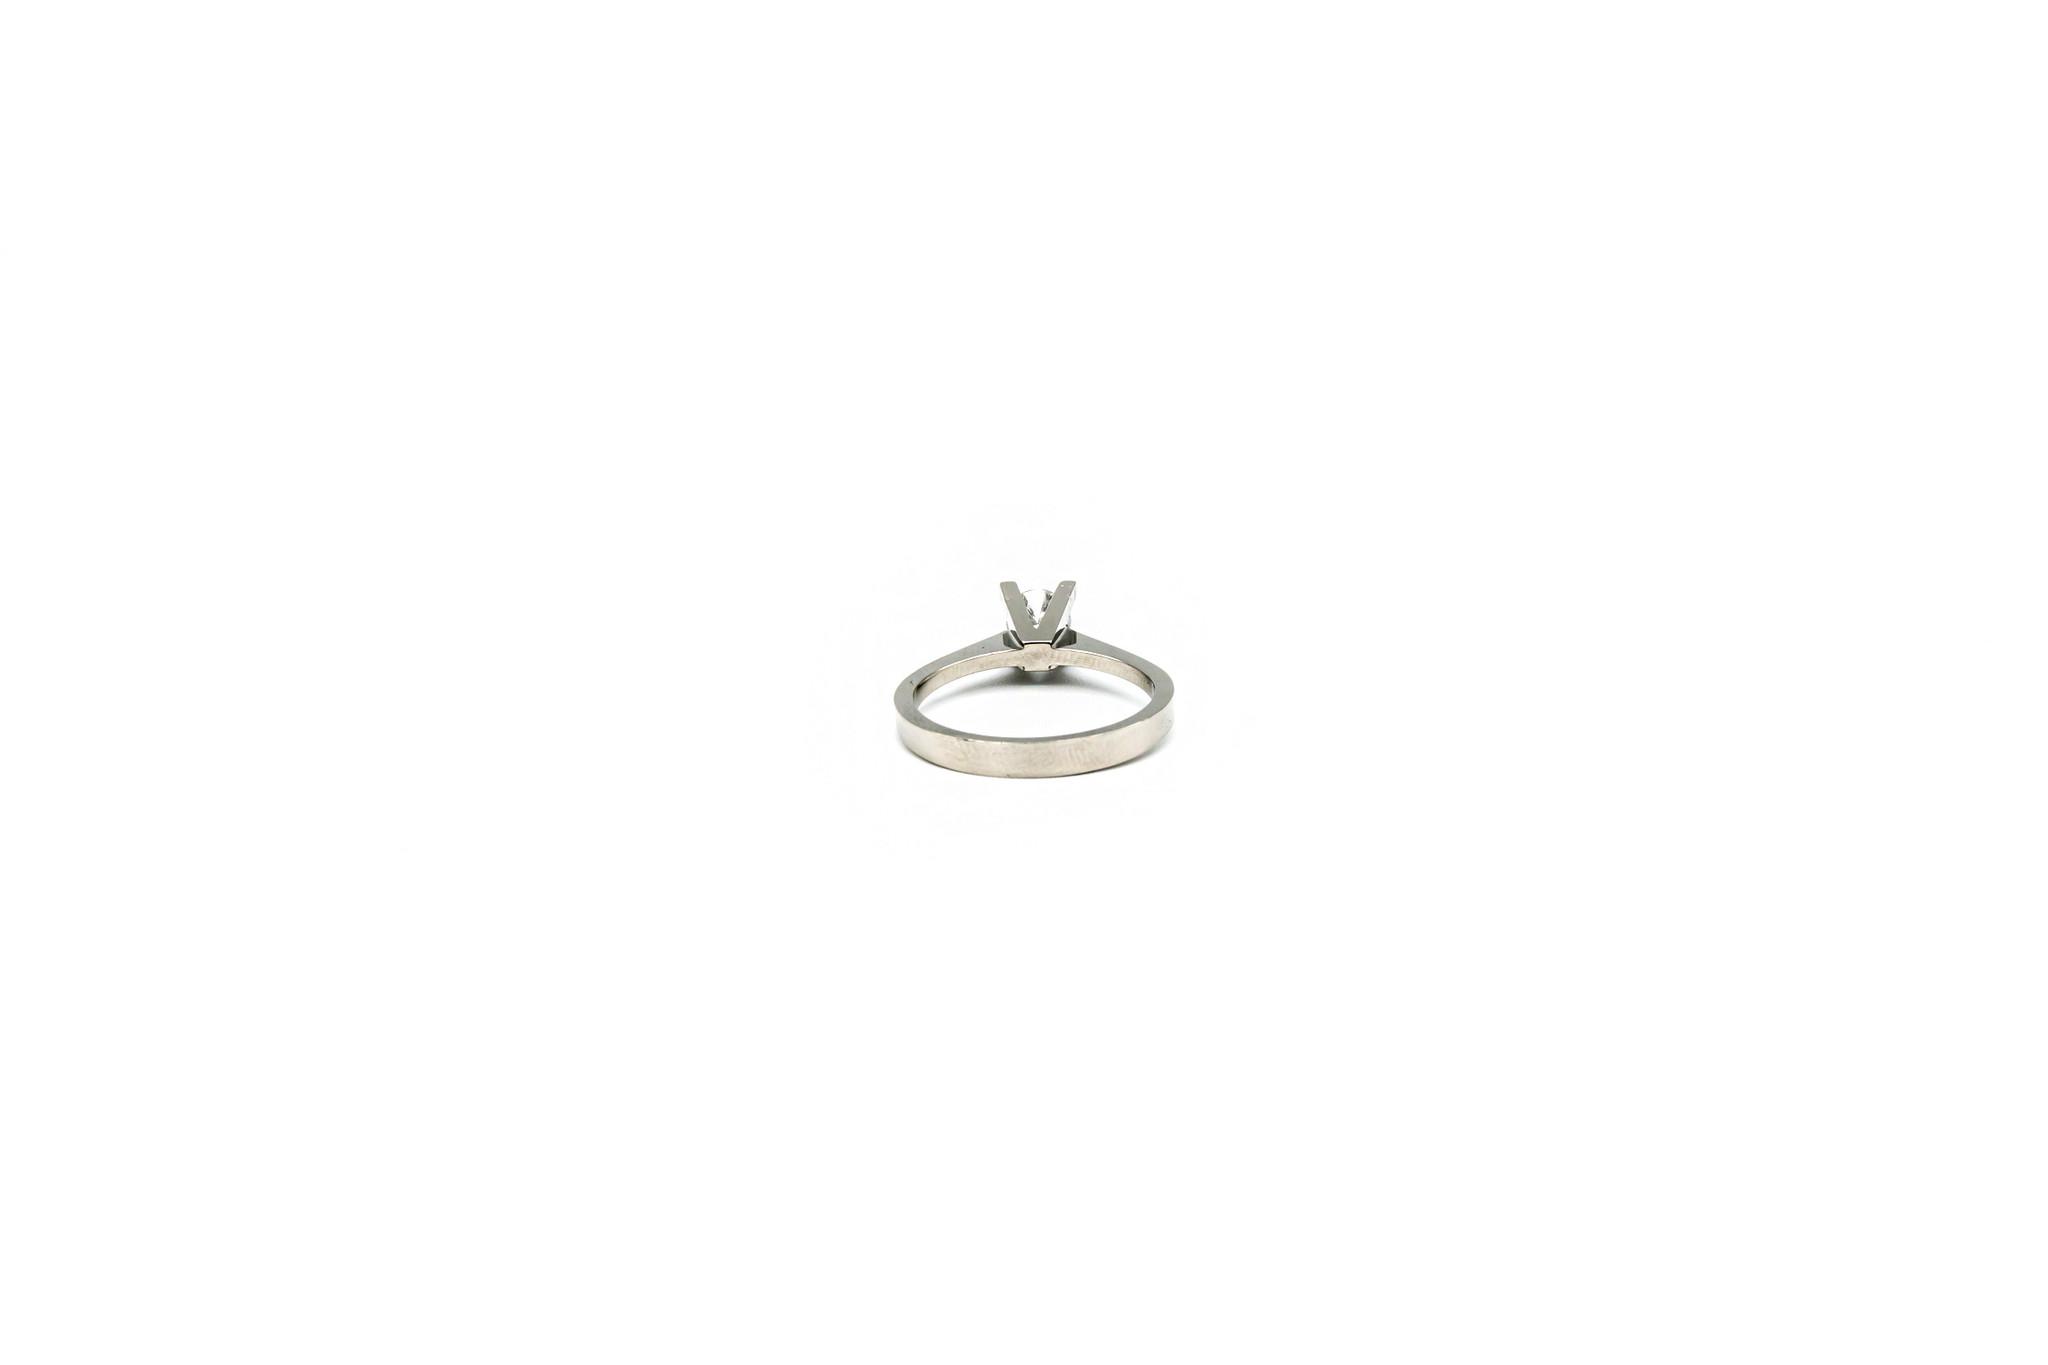 Ring solitair met diamant-3